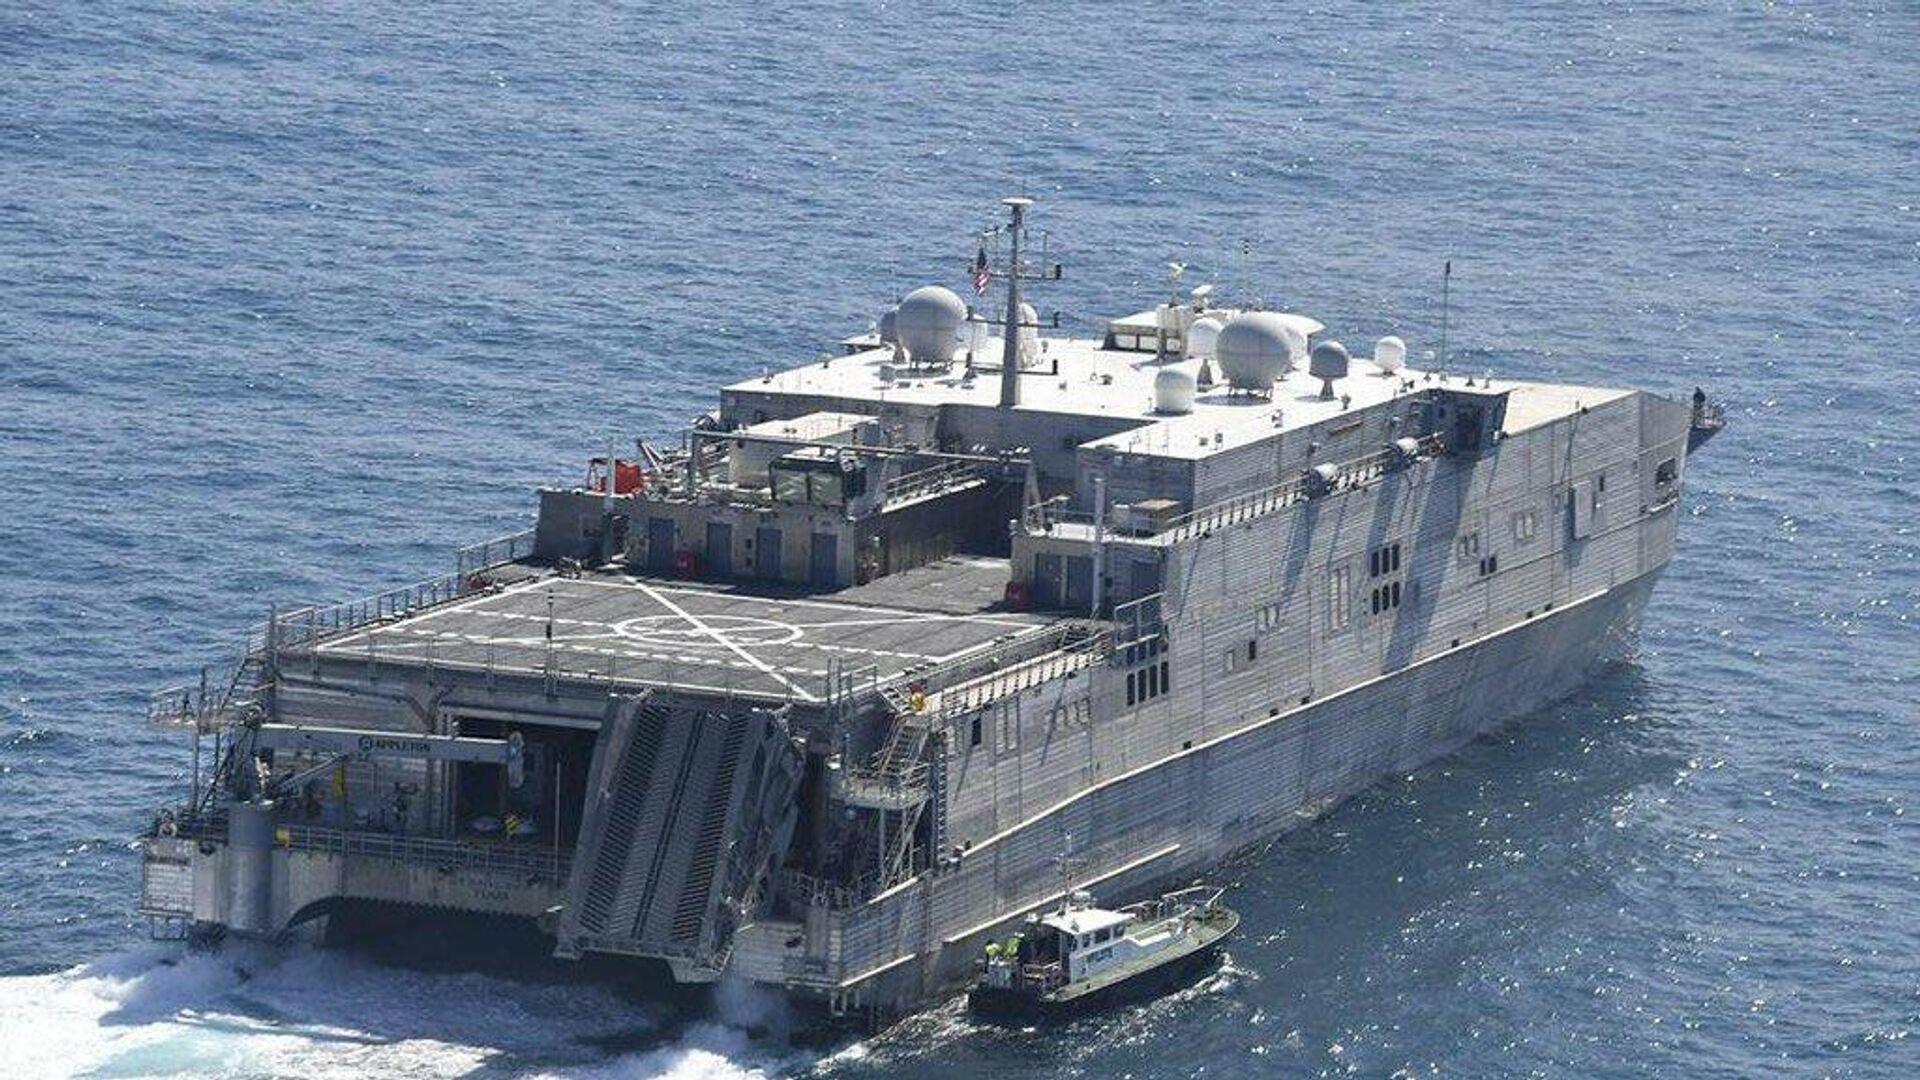 Быстроходный транспортно-десантный корабль USNS Yuma ВМС США направляется в Черное море - РИА Новости, 1920, 25.07.2021